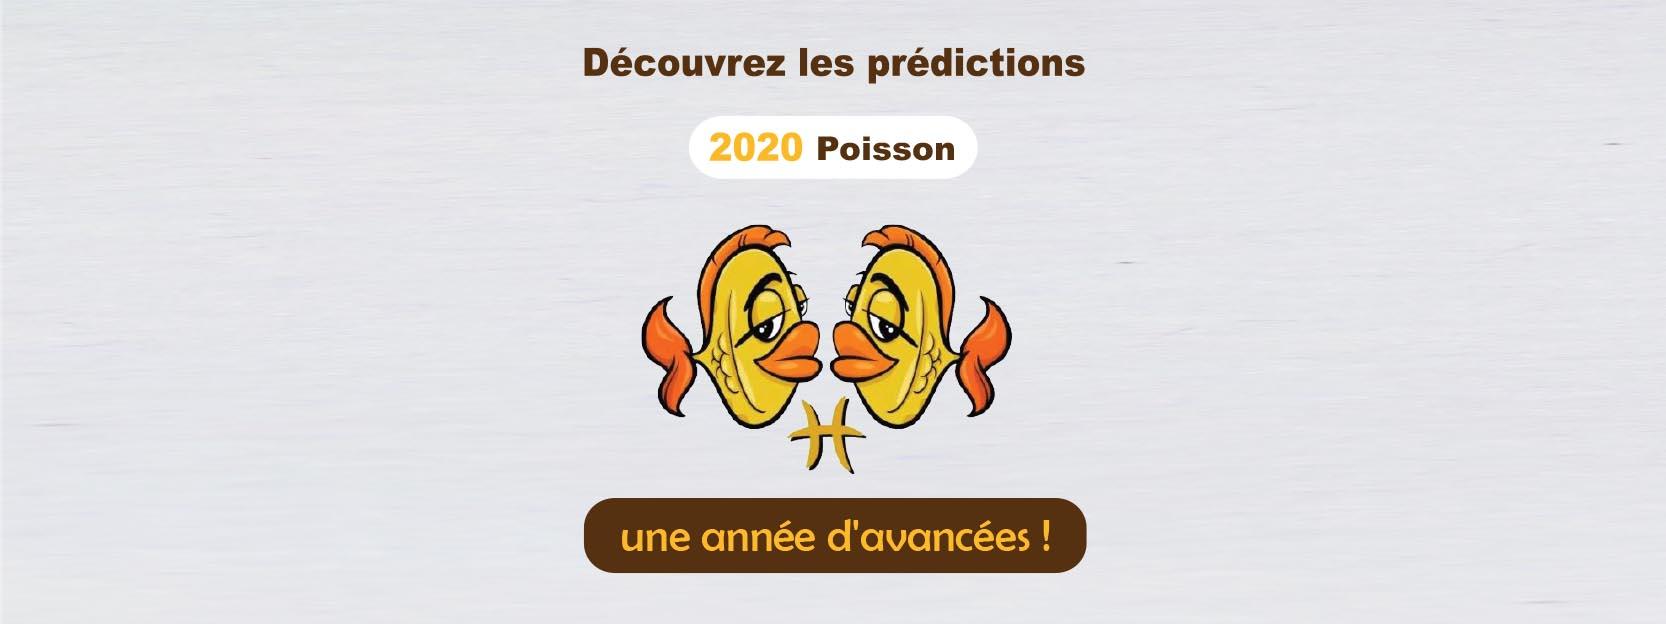 Prédiction 2020 poissons